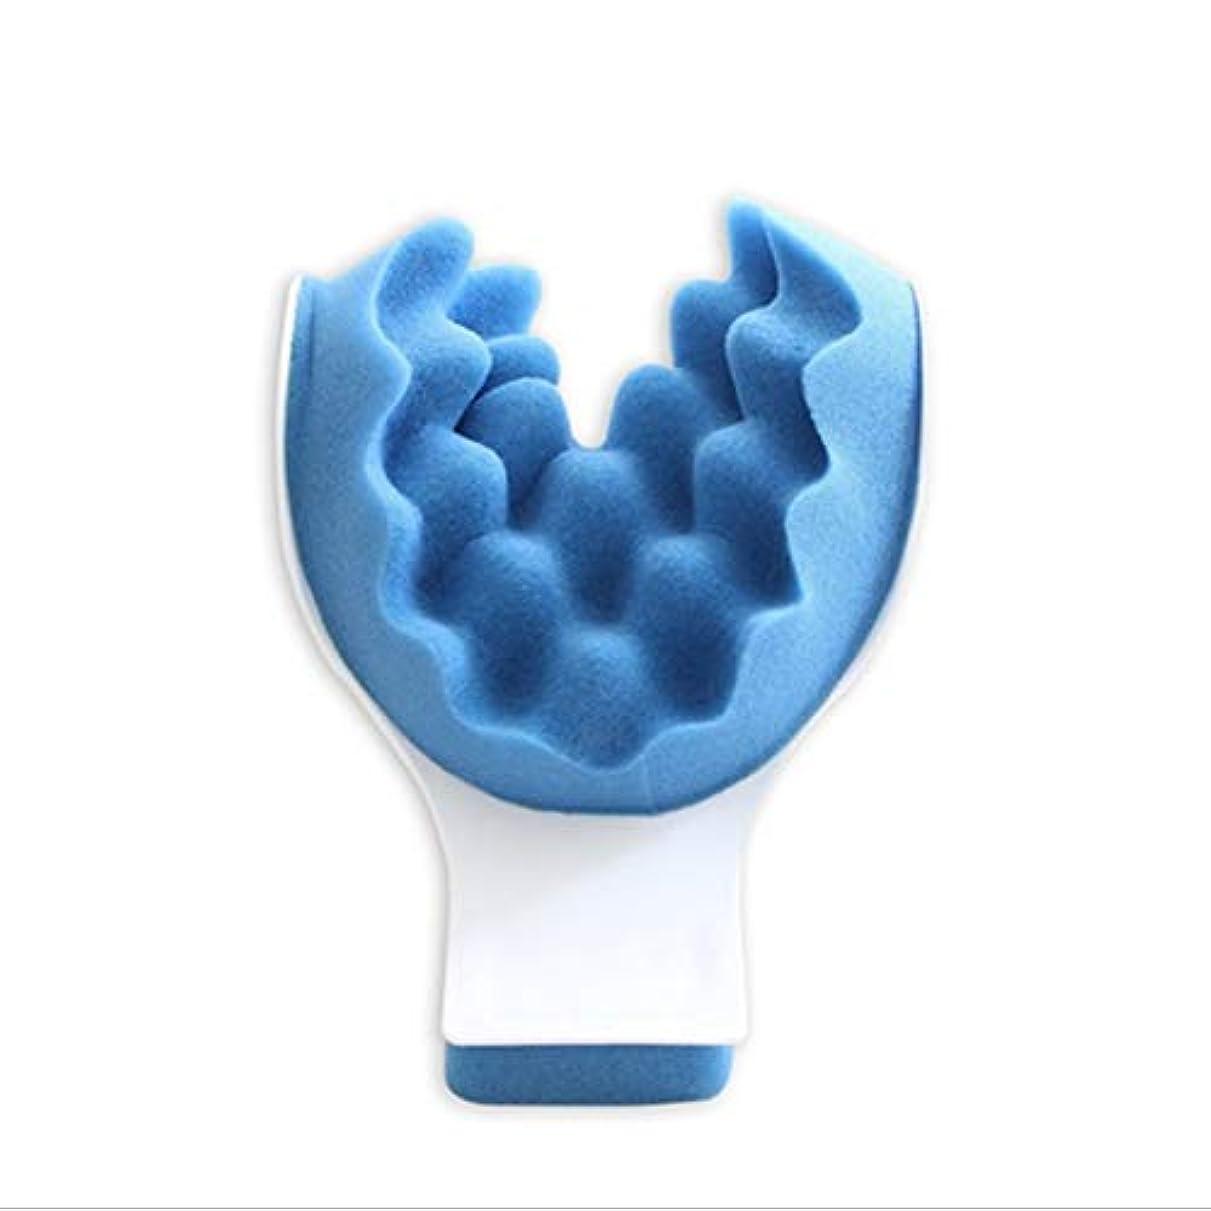 排気自明プレミアムマッスルテンションリリーフタイトネスと痛みの緩和セラピーティックネックサポートテンションリリーフネック&ショルダーリラクサー - ブルー